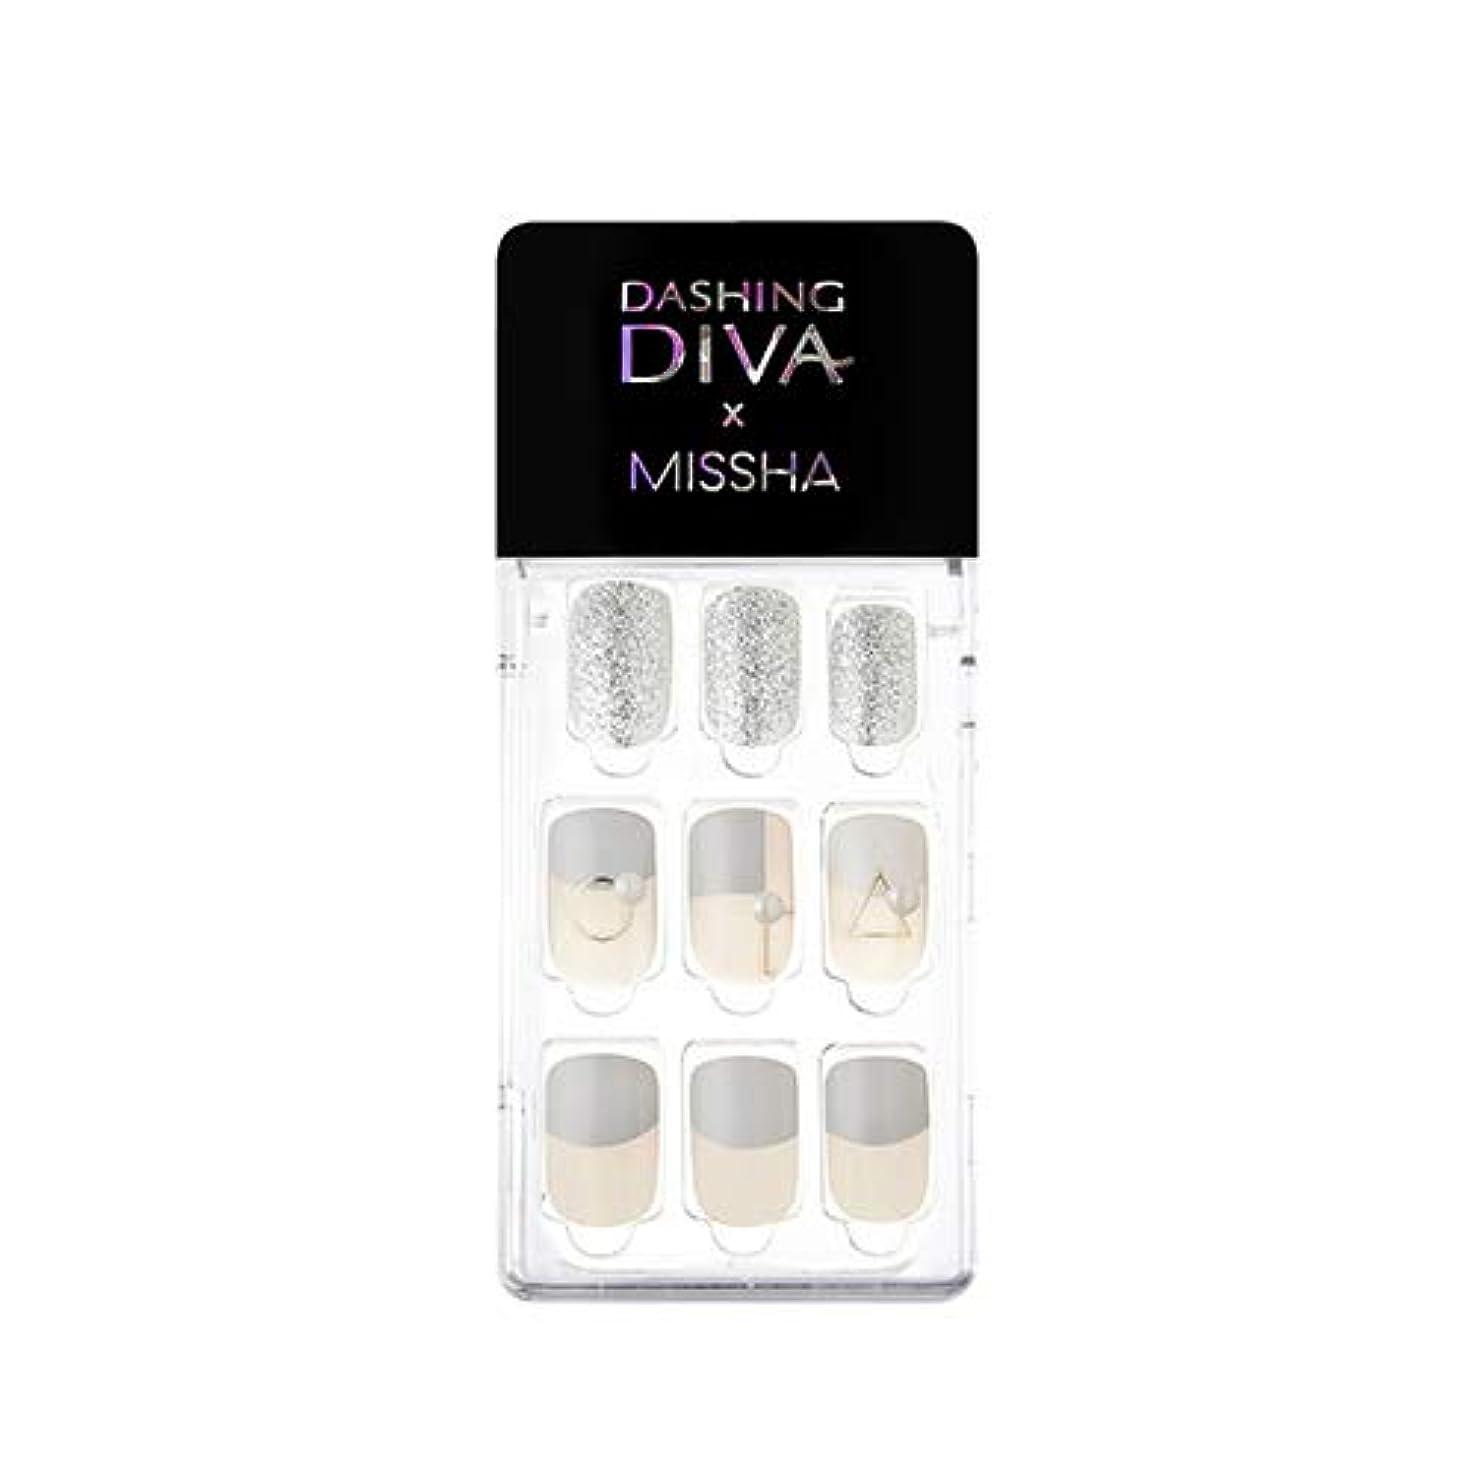 興奮取り扱いラオス人ミシャ ダッシングディバ マジックプレス スリム フィット MISSHA Dashing Diva Magic Press Slim Fit # MDR434